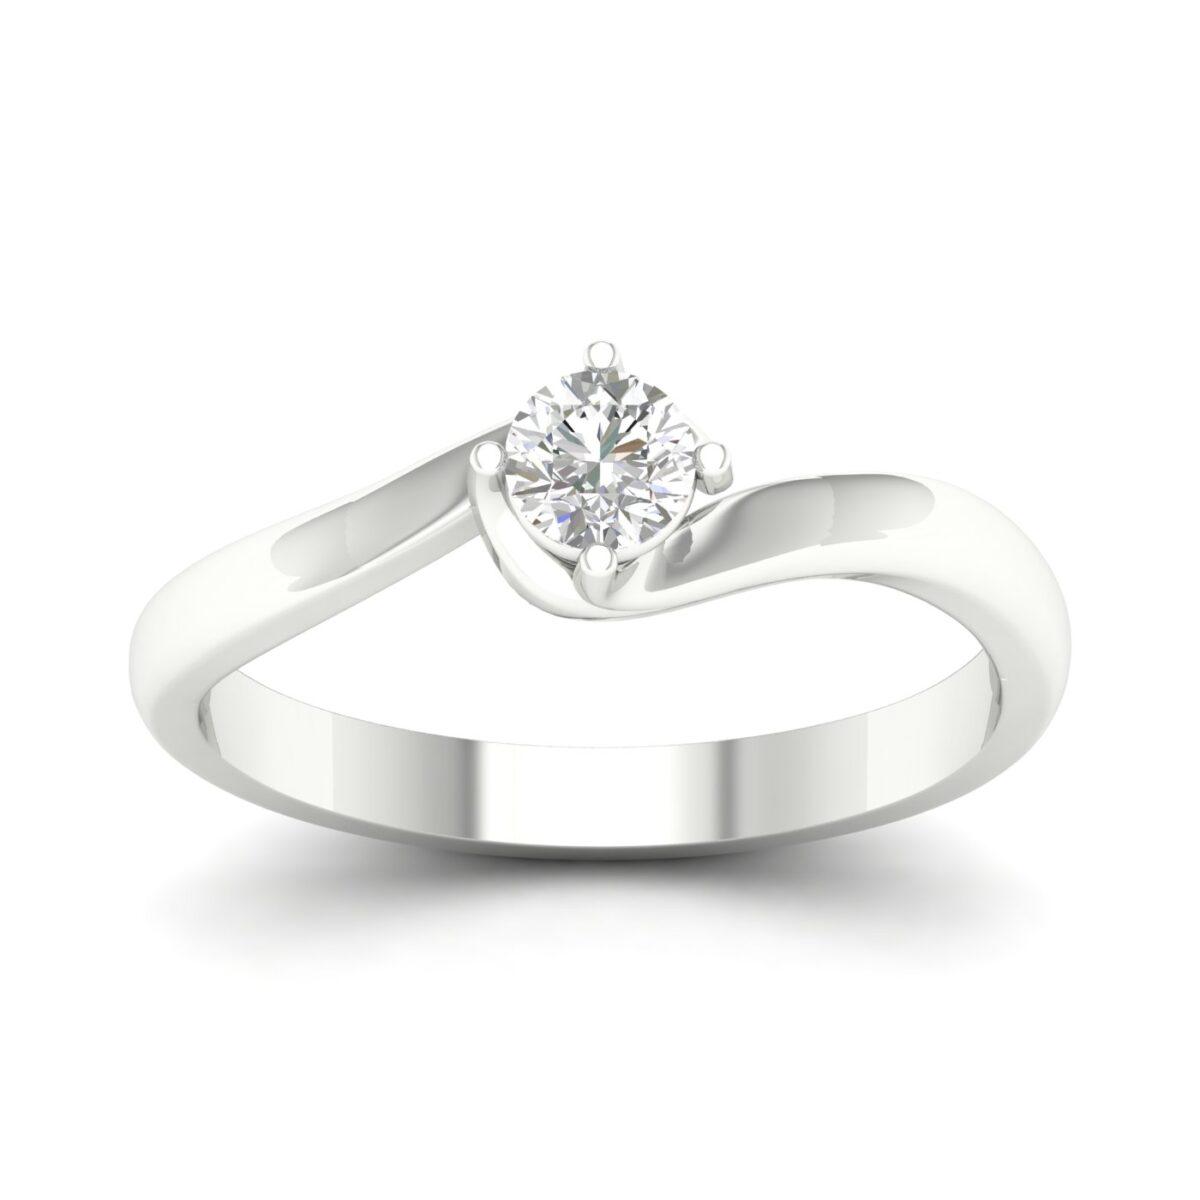 Kullast sõrmus teemantiga 0,25 ct. Kood: 43hb